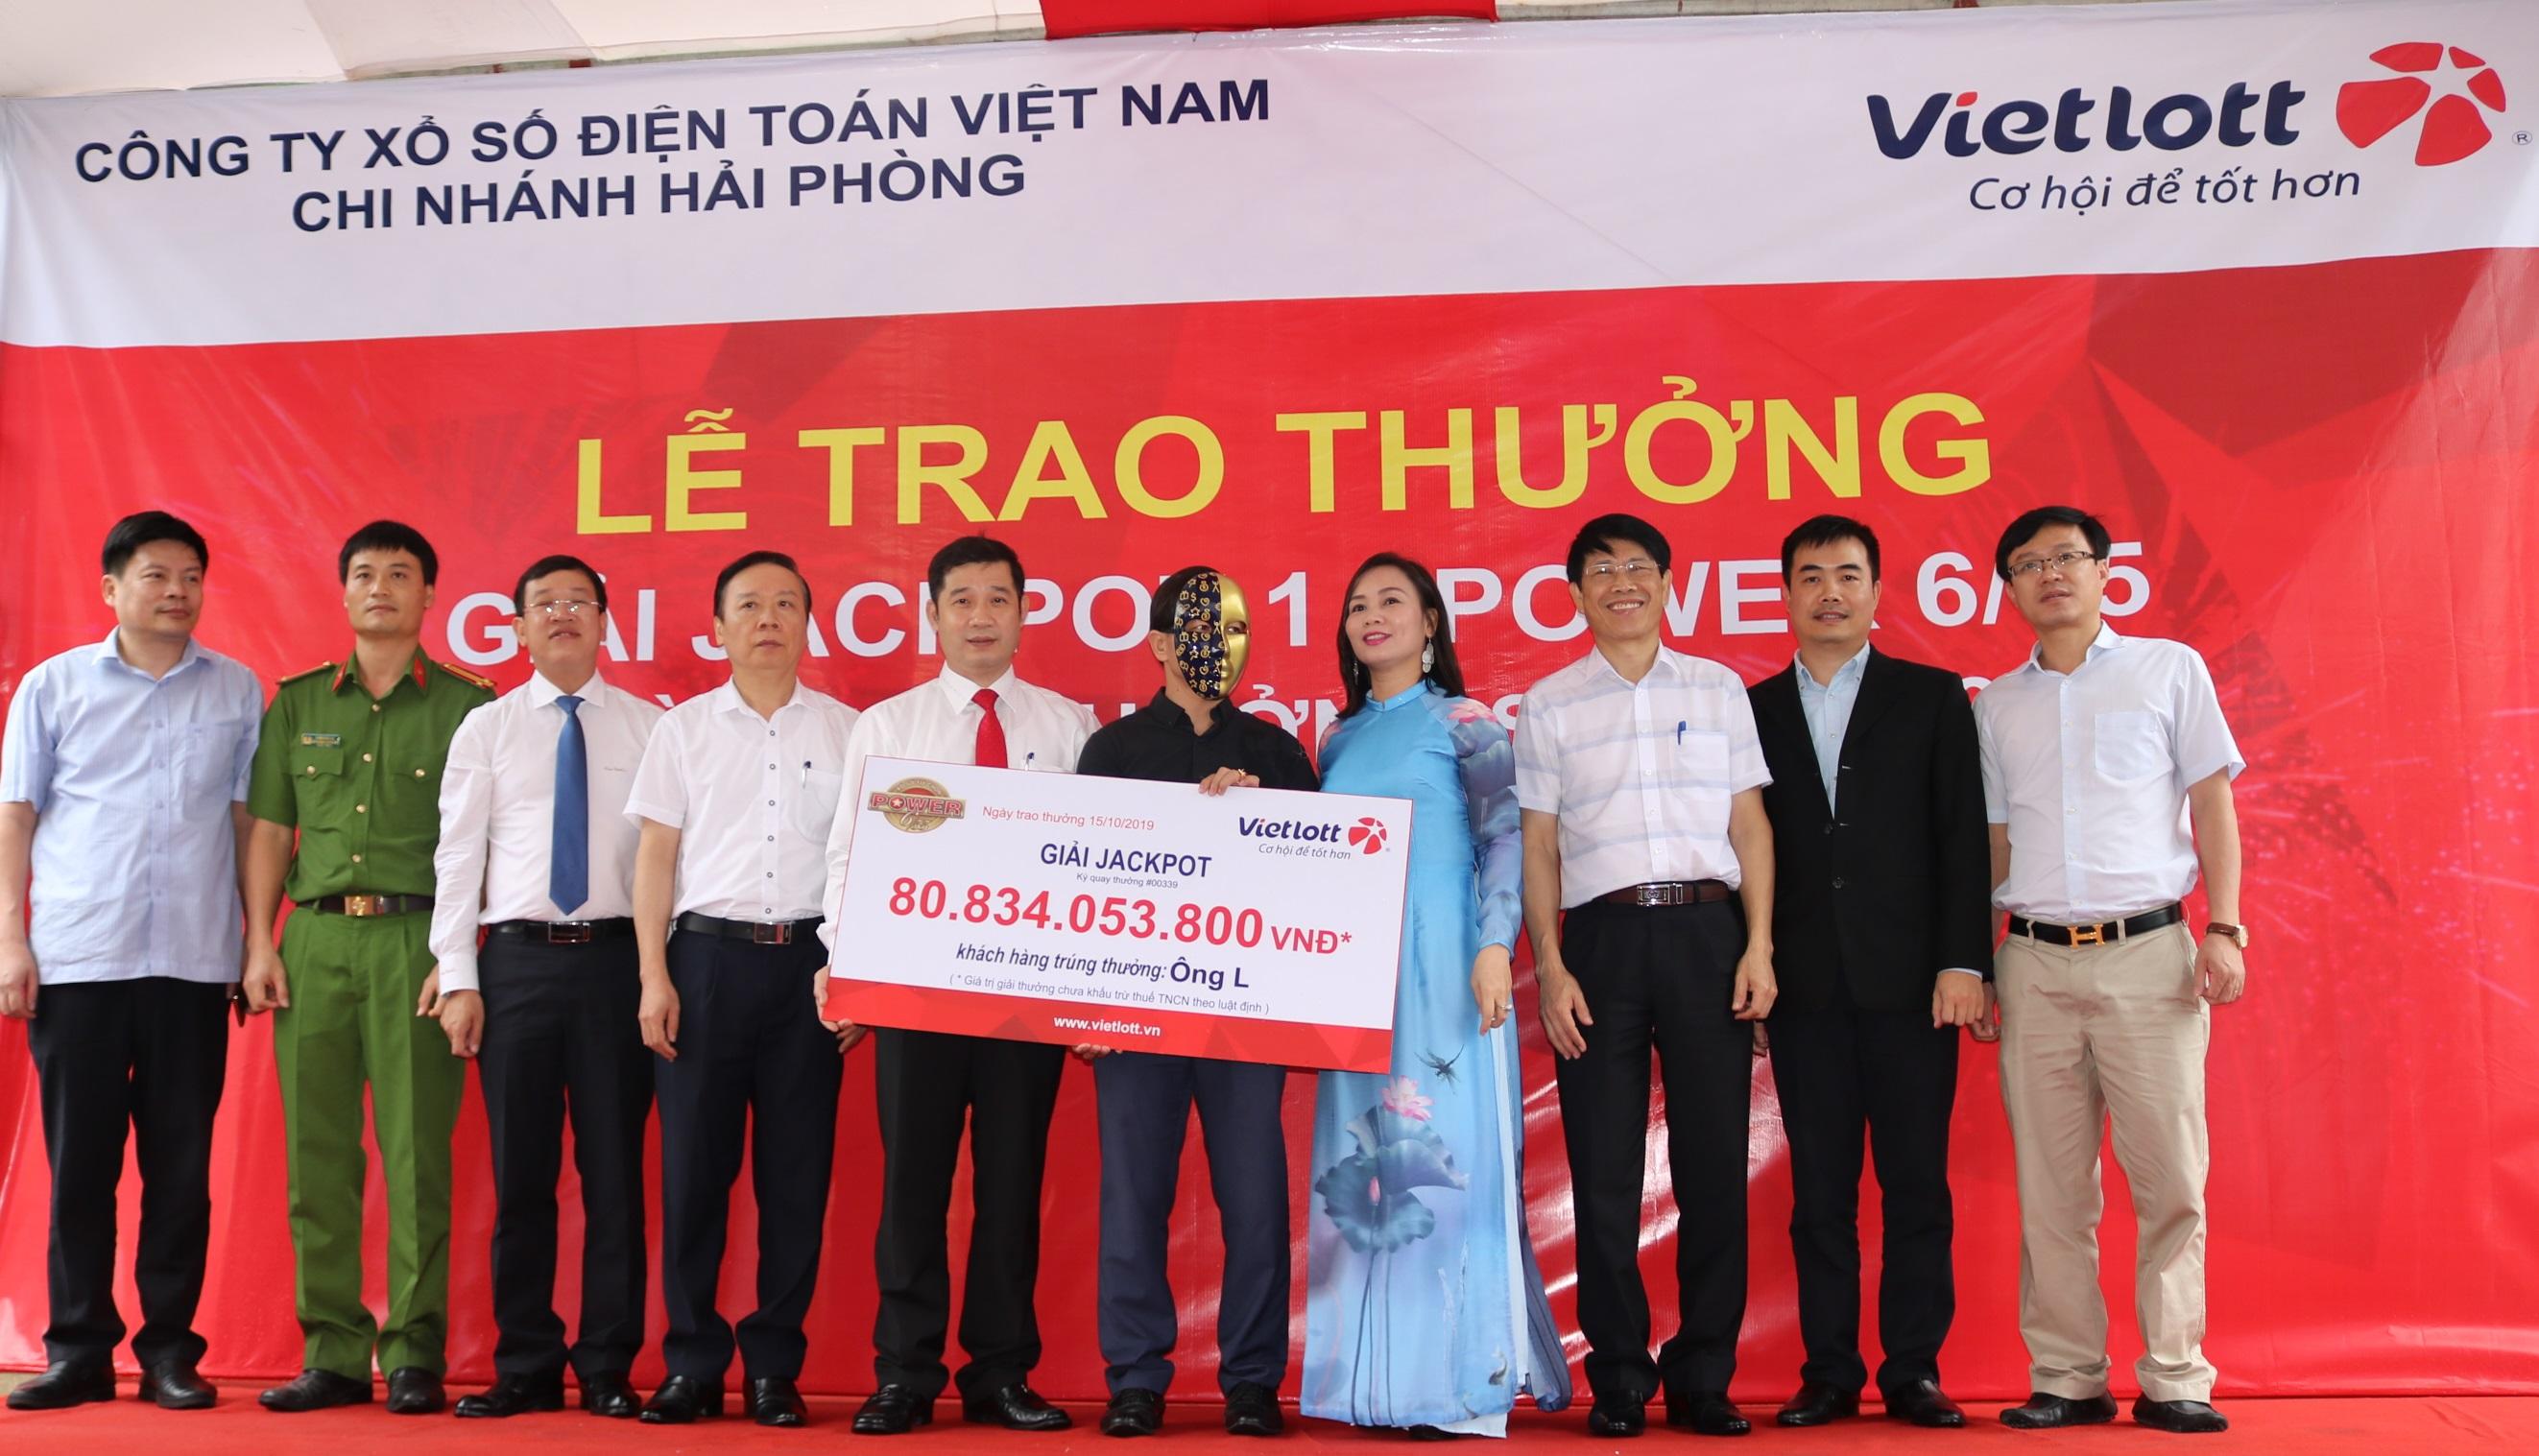 Trung thành dãy số suốt 1 năm, khách Nghệ An trúng Jackpot hơn 80 tỷ đồng